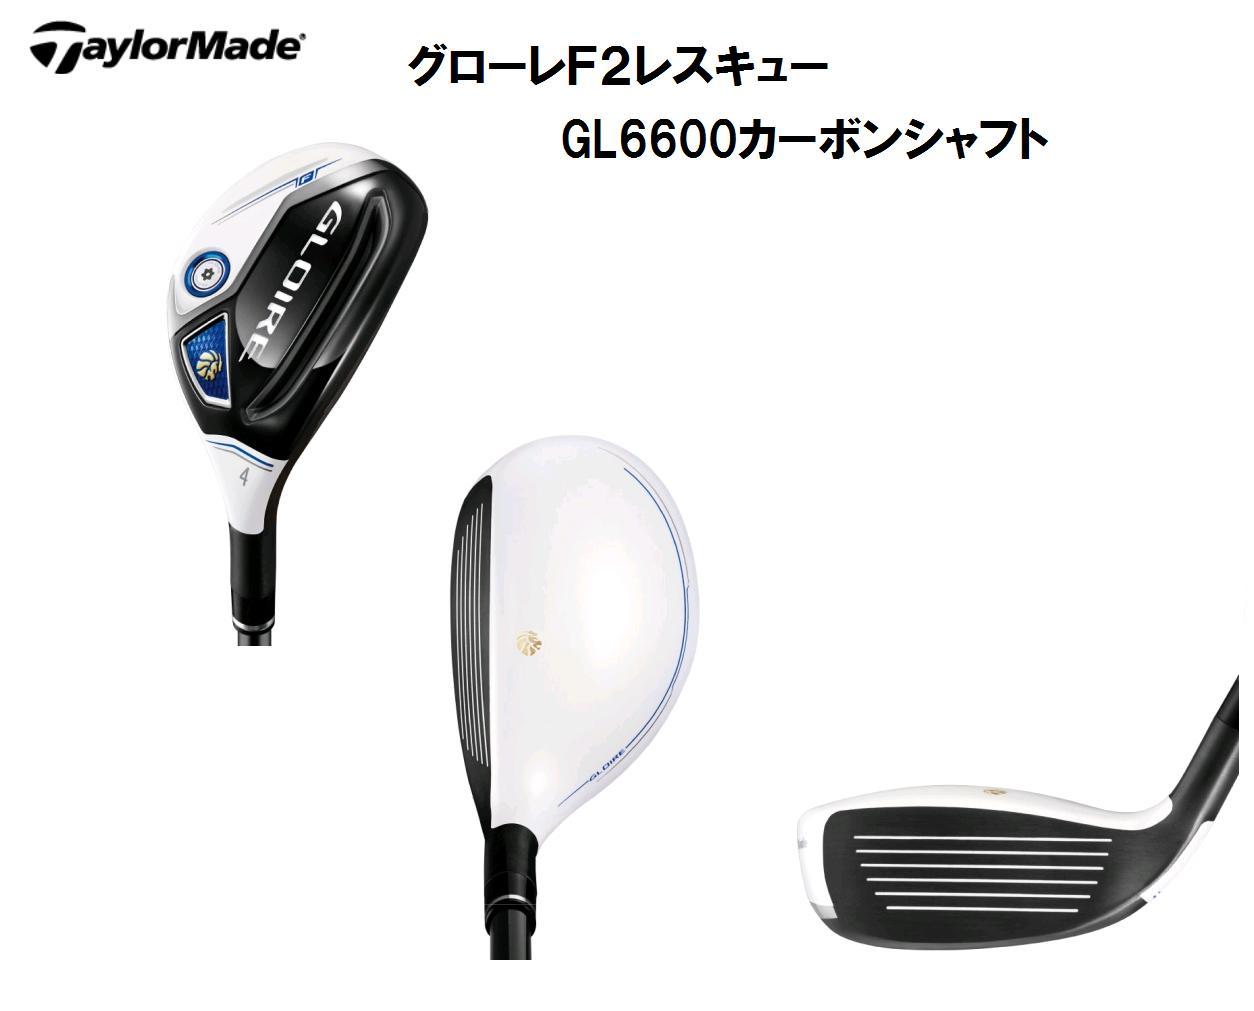 【新品】 テーラーメイド GLOIRE F2 (グローレ F2) レスキュー GL6600カーボンシャフト 日本正規品 純正ヘッドカバー、メーカー保証書付き